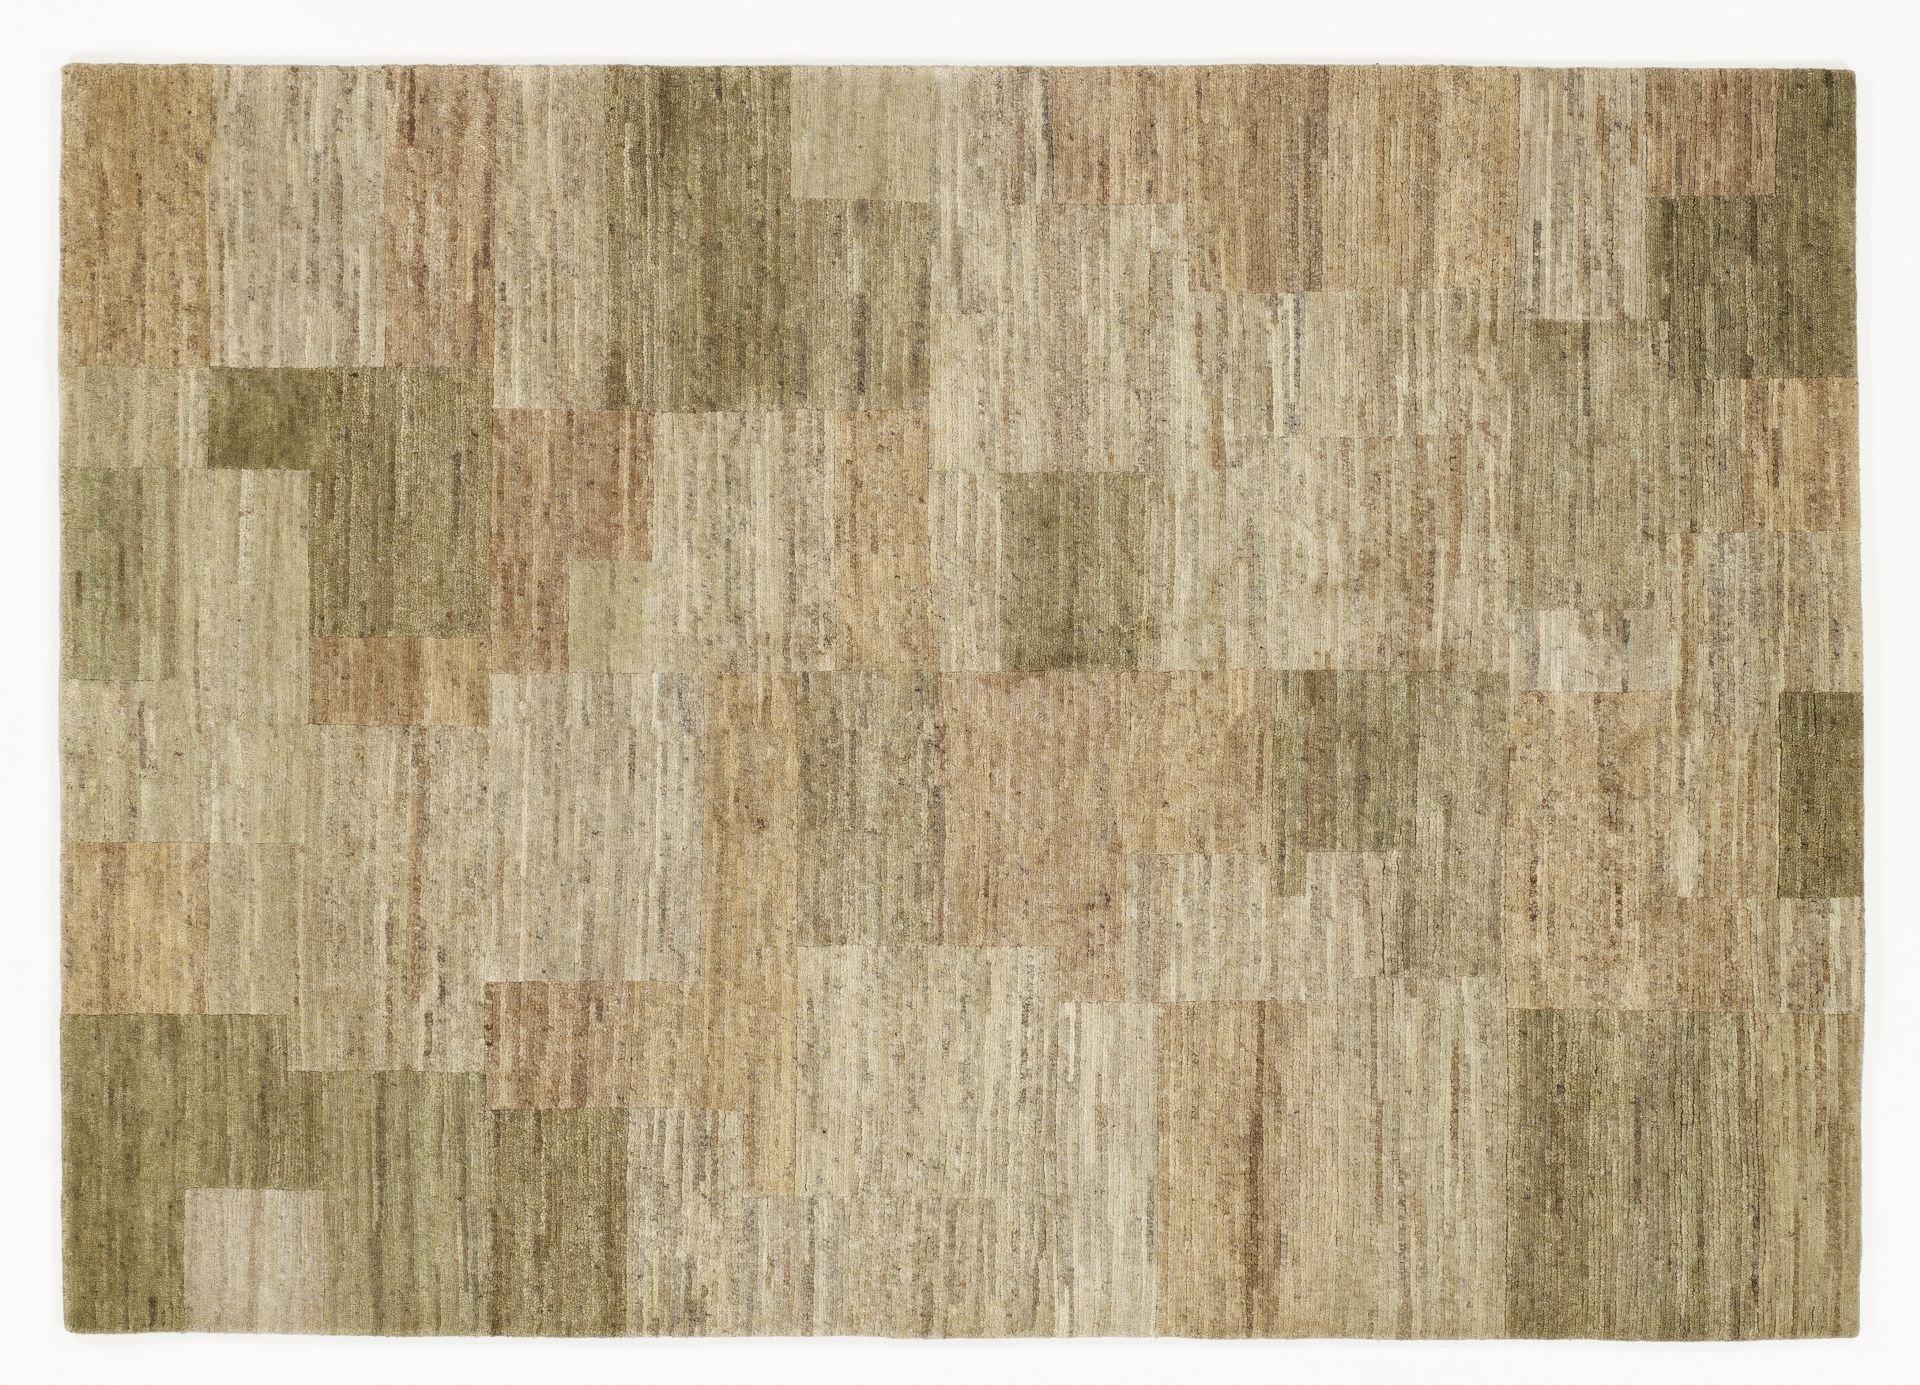 echter original handgeknüpfter Nepal-Teppich ELEGANT NEW LIMA serengeti